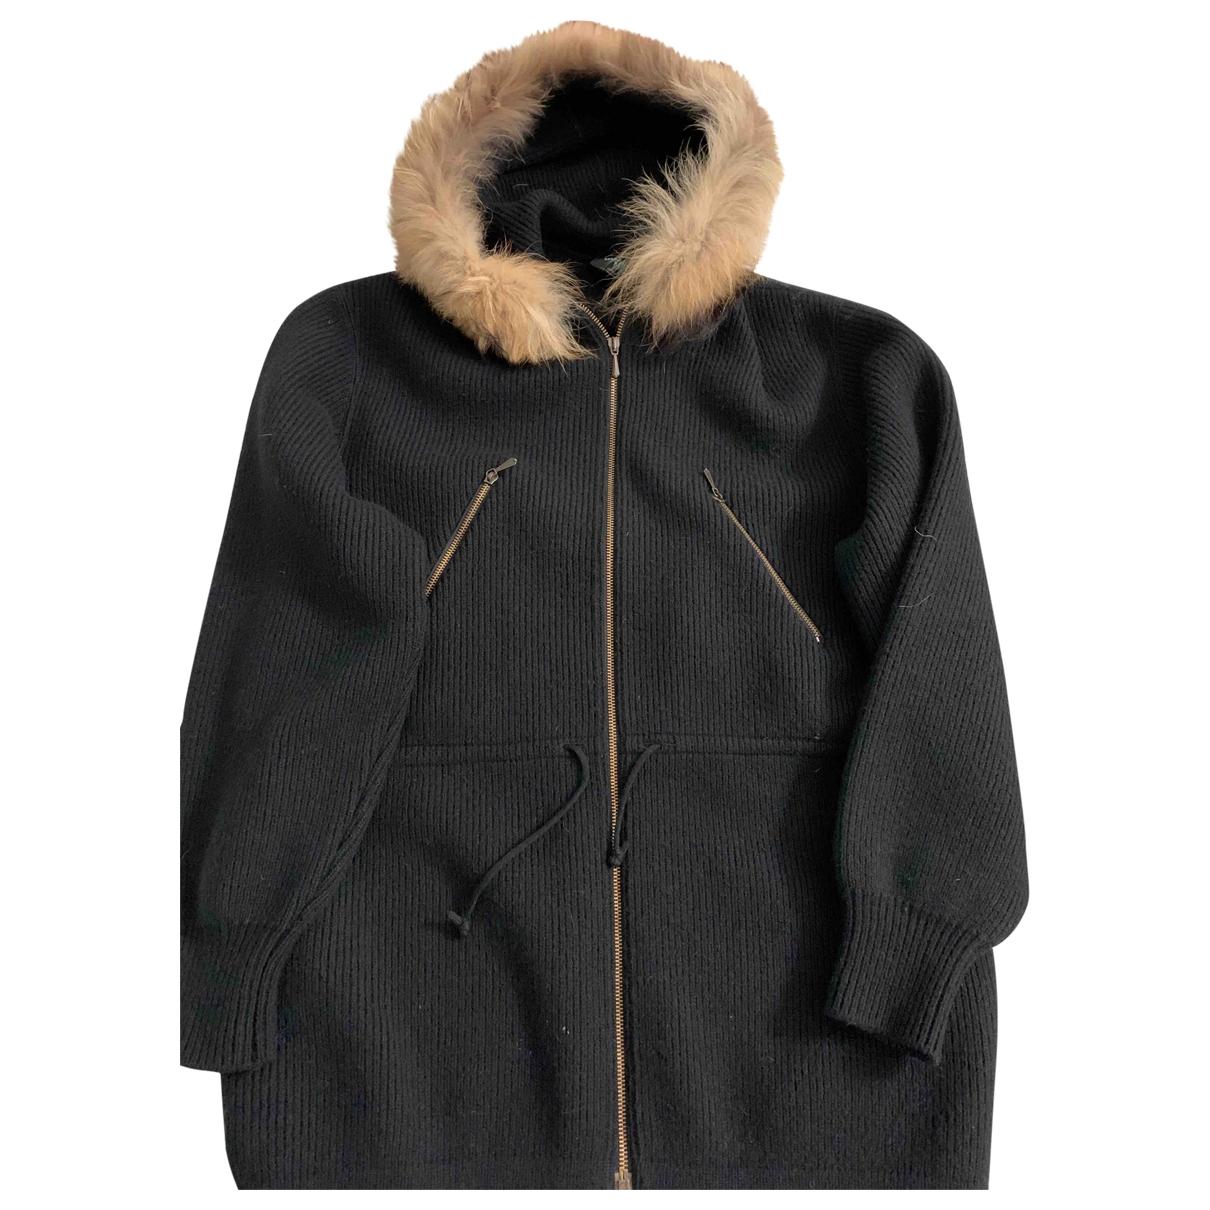 Jean Paul Gaultier \N Jacke in  Schwarz Wolle